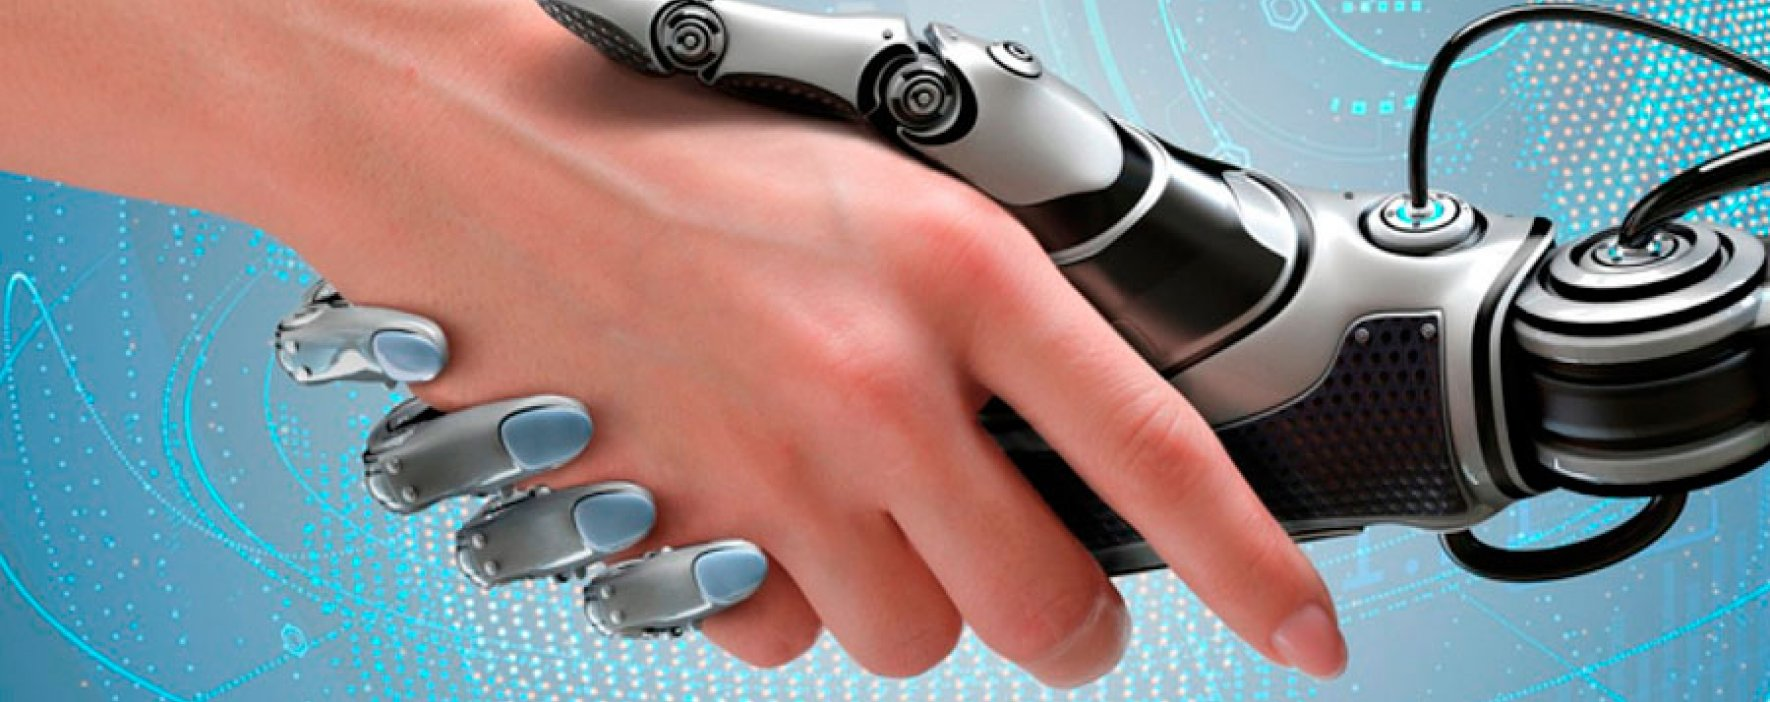 La nueva tecnología que está moviendo al mundo